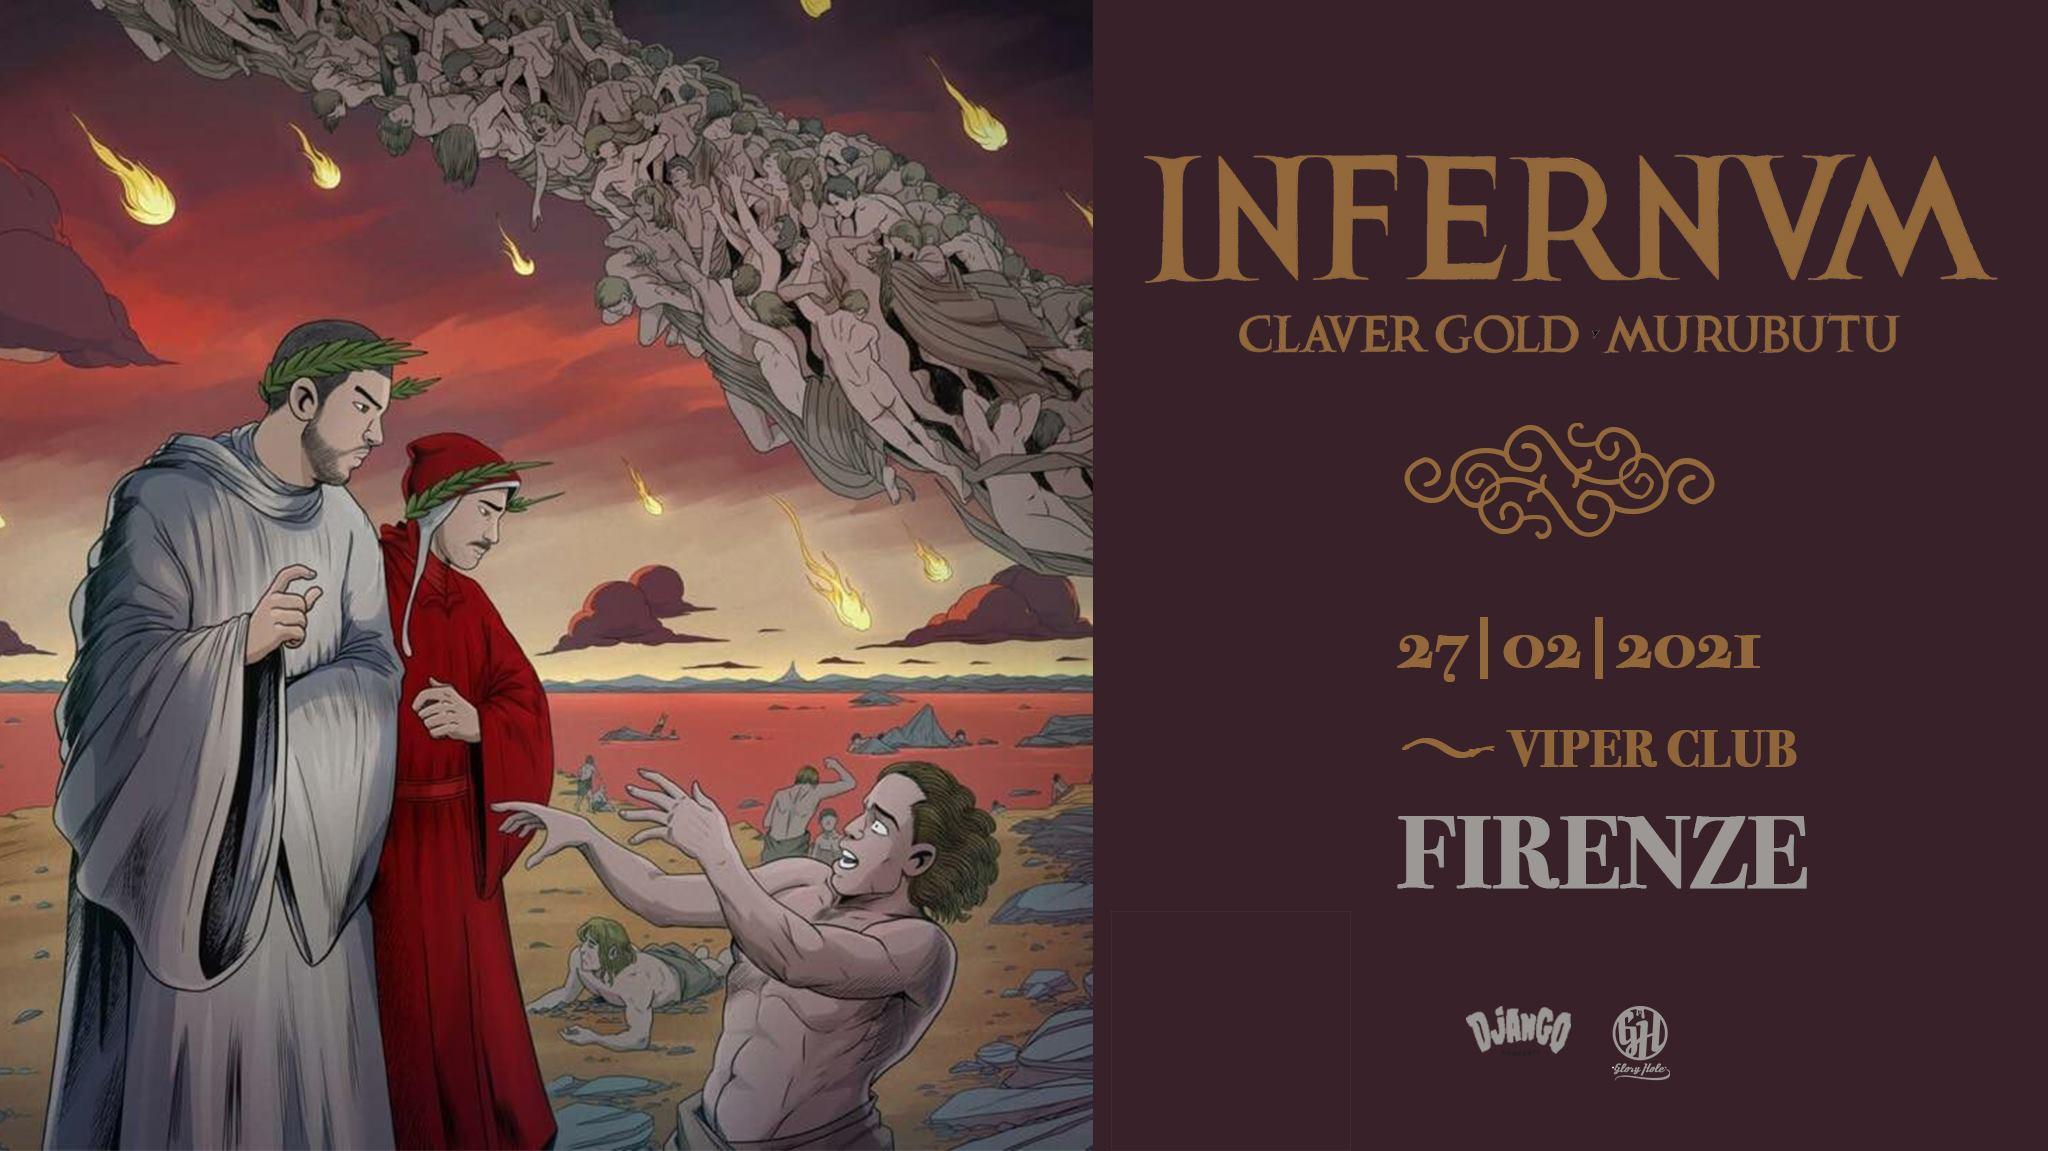 """Claver Gold & Murubutu """"Infernvm tour"""", Viper Club Firenze"""